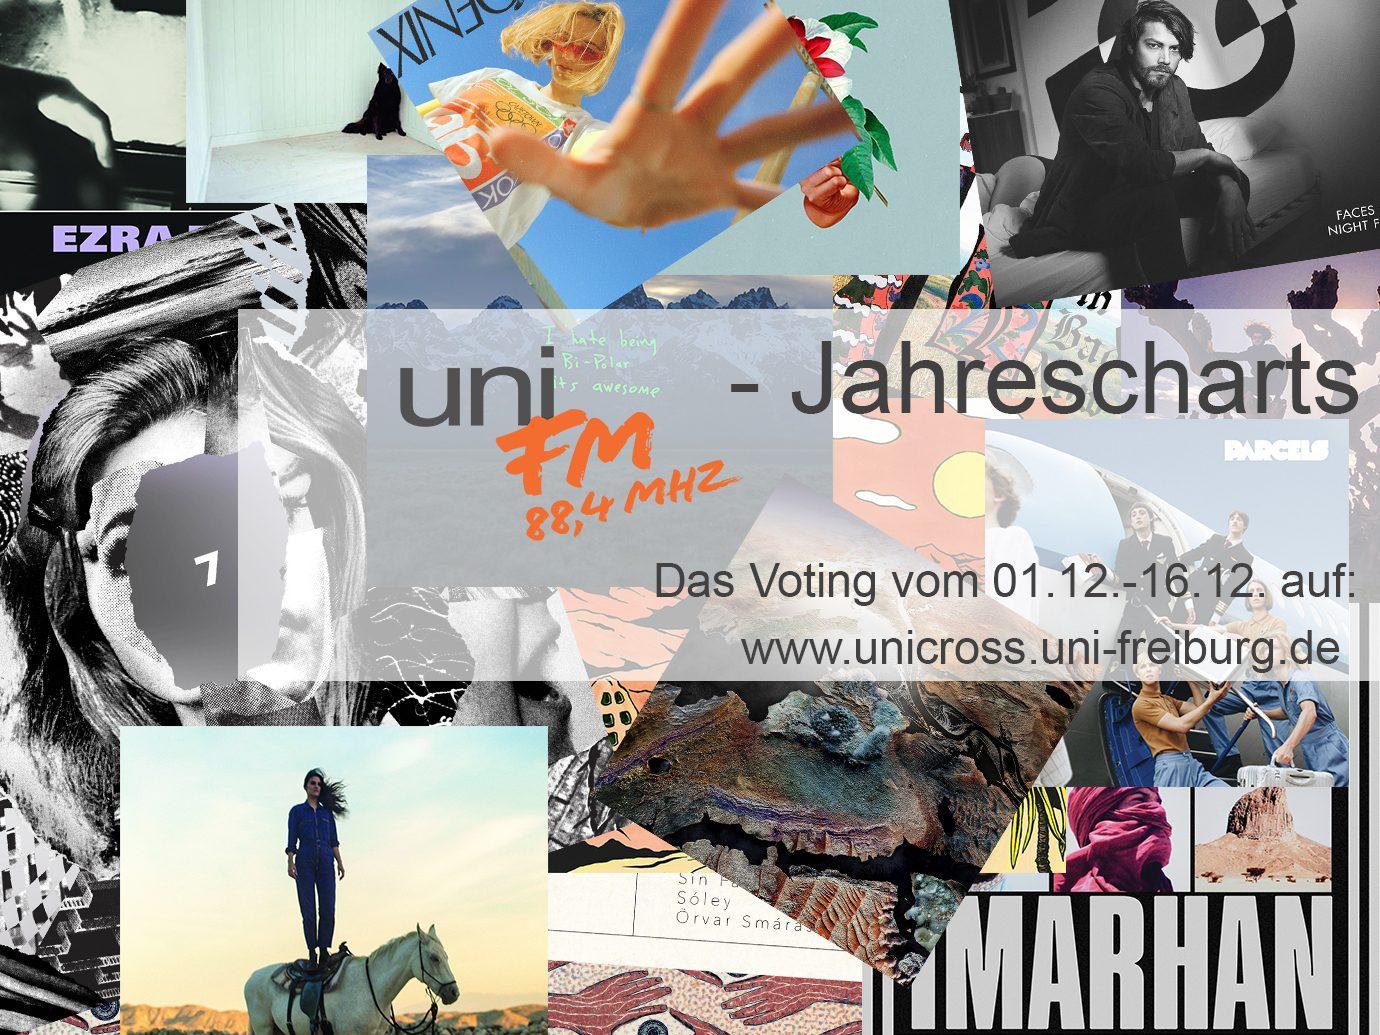 uniFM – Jahrescharts!